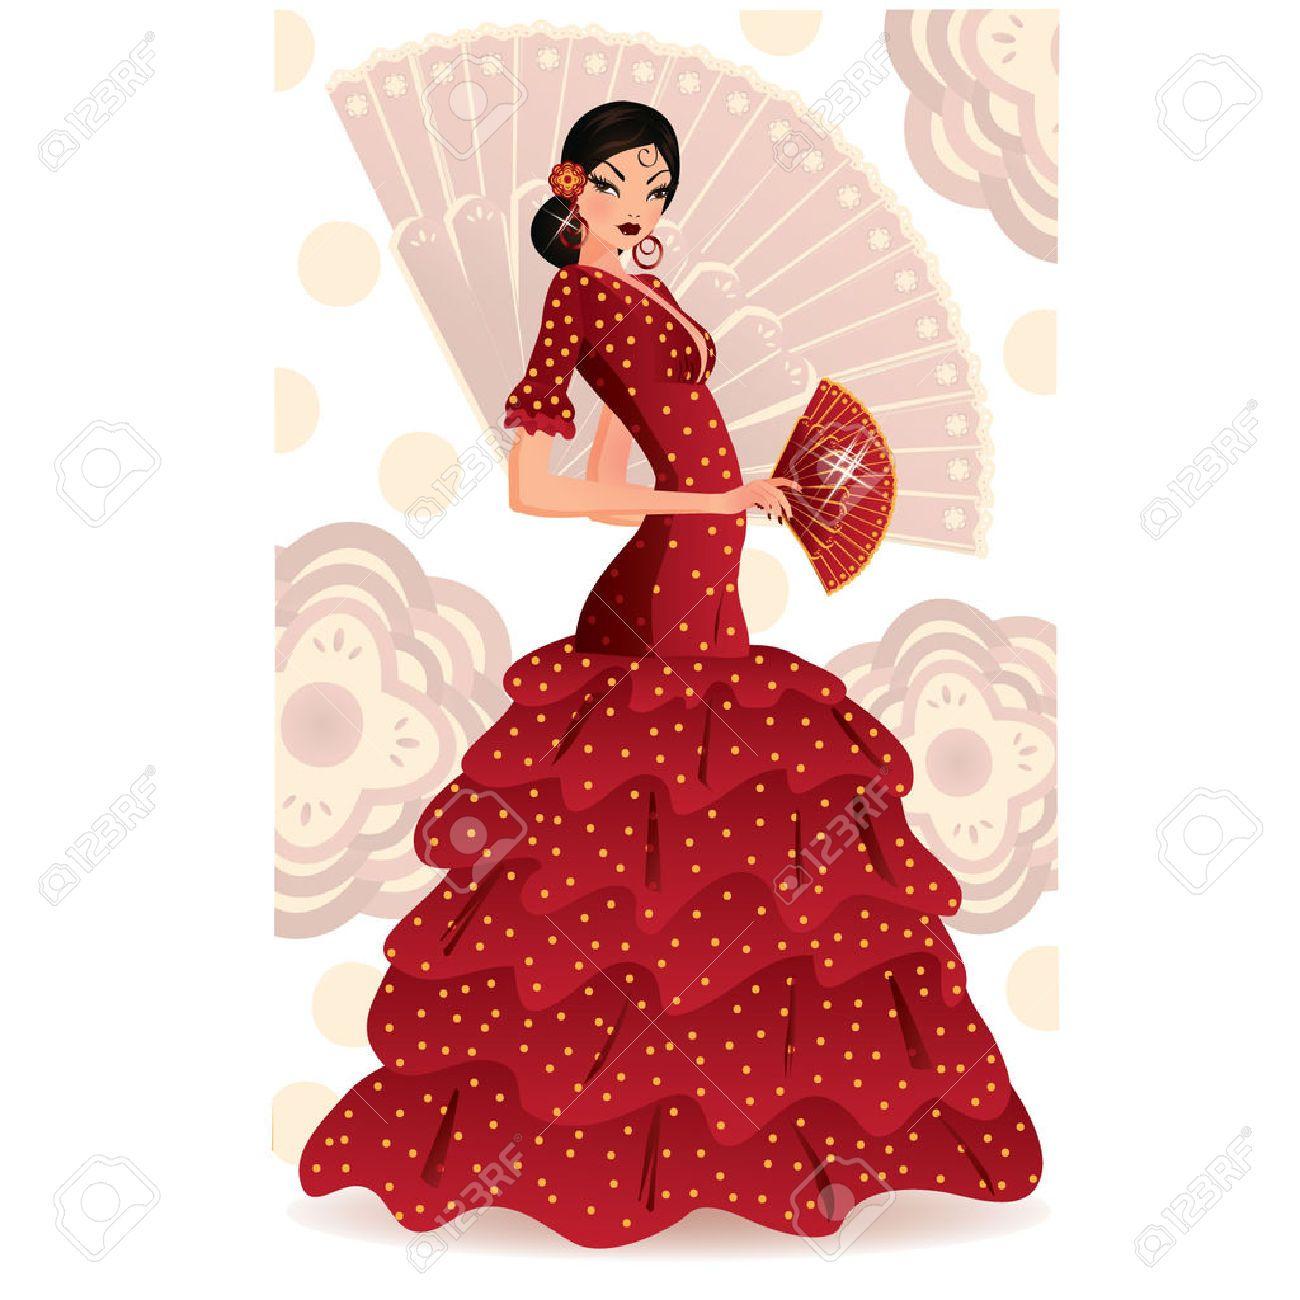 dançarina dança flamenco - Pesquisa Google | Patch | Pinterest ...